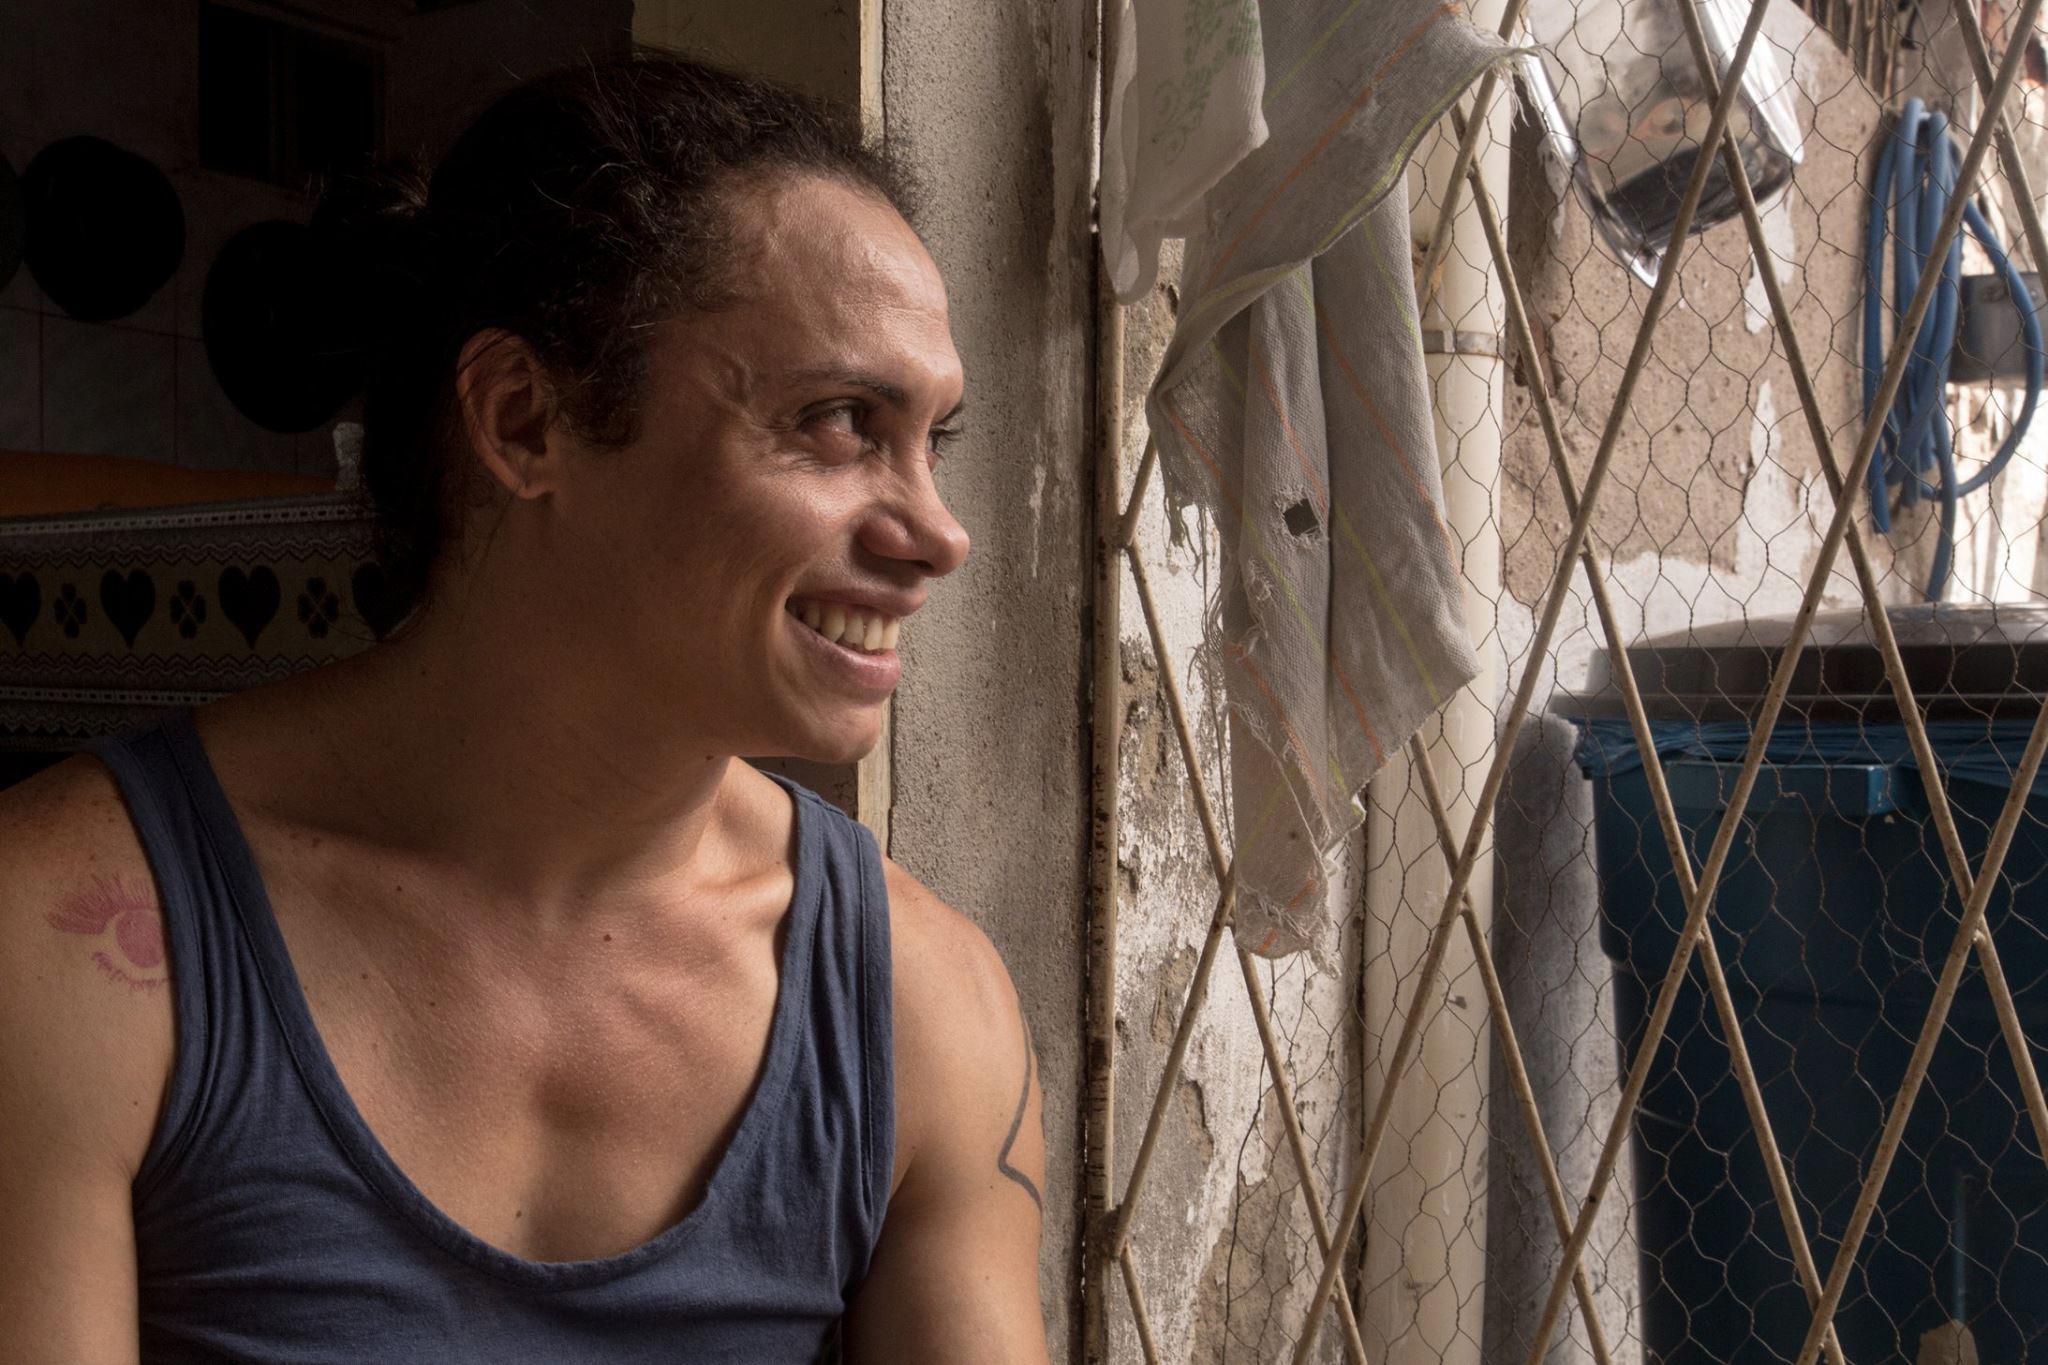 Interprete de travesti na novela das 8 é protagonista de curta potiguar